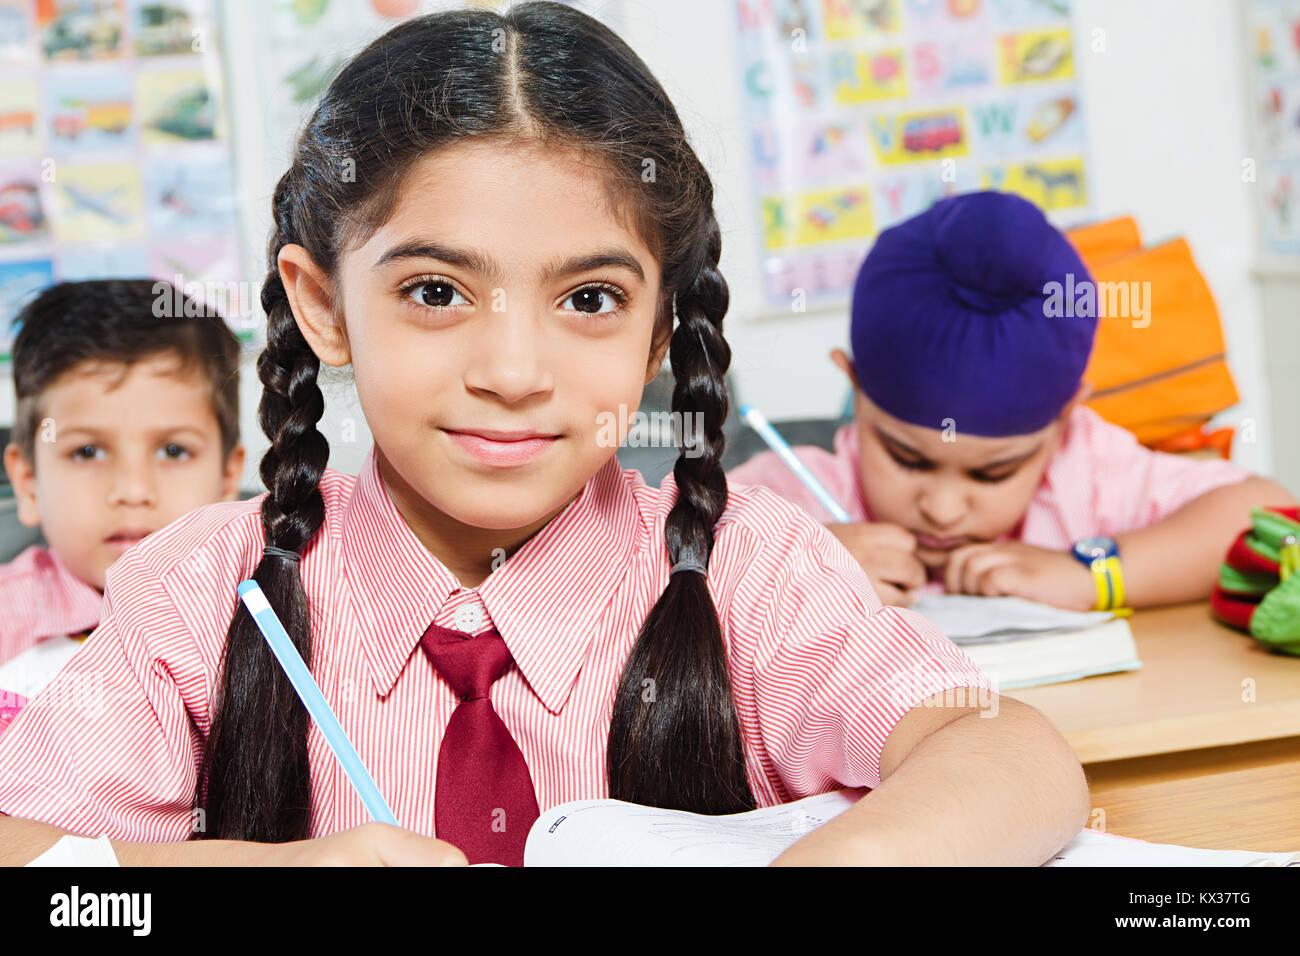 1 indischen Schule Schüler Mädchen Buch Studieren in Klassenzimmer Stockfoto